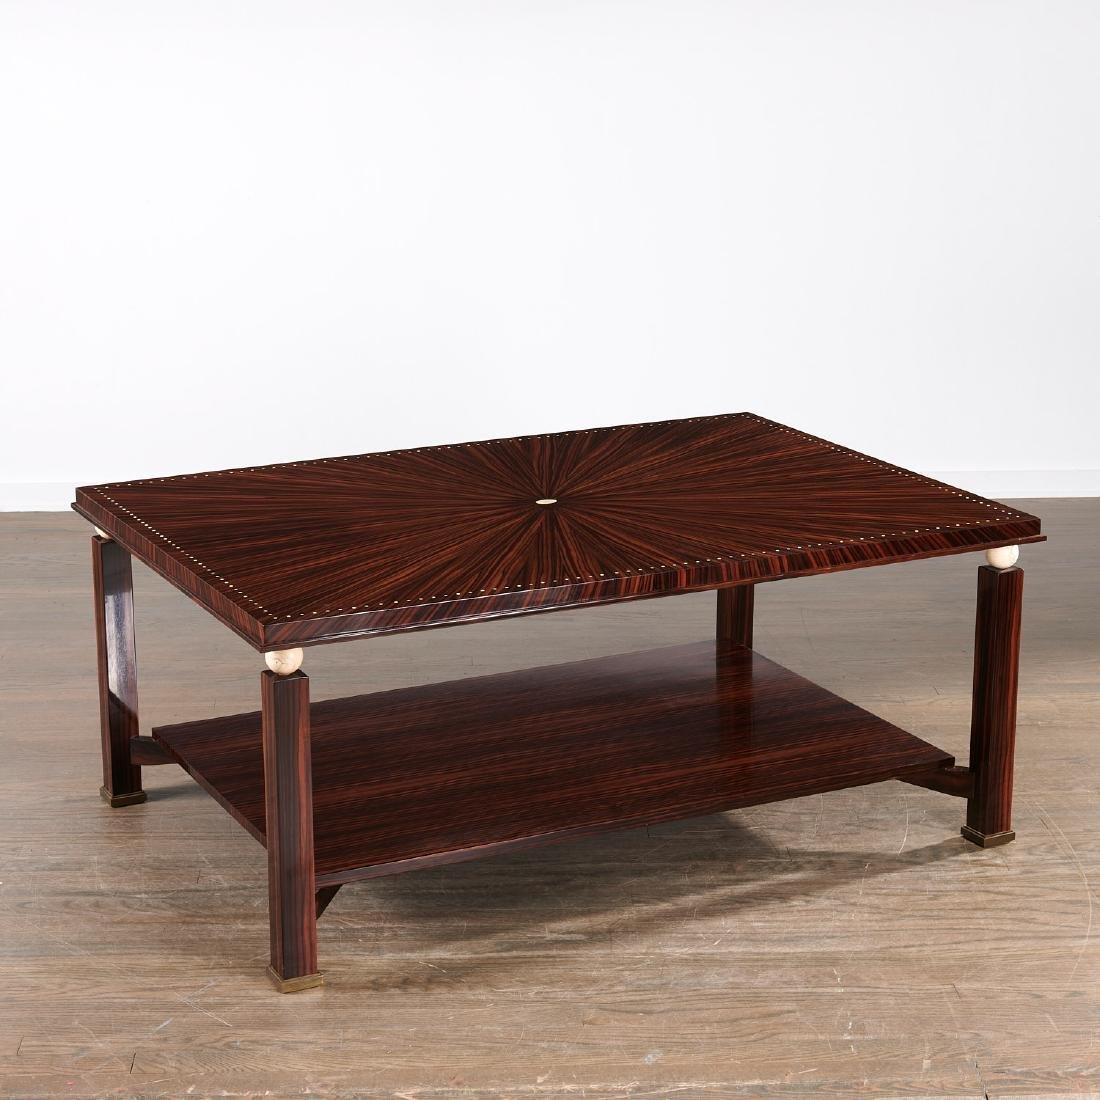 Mongiardo Studio Ruhlmann style coffee table